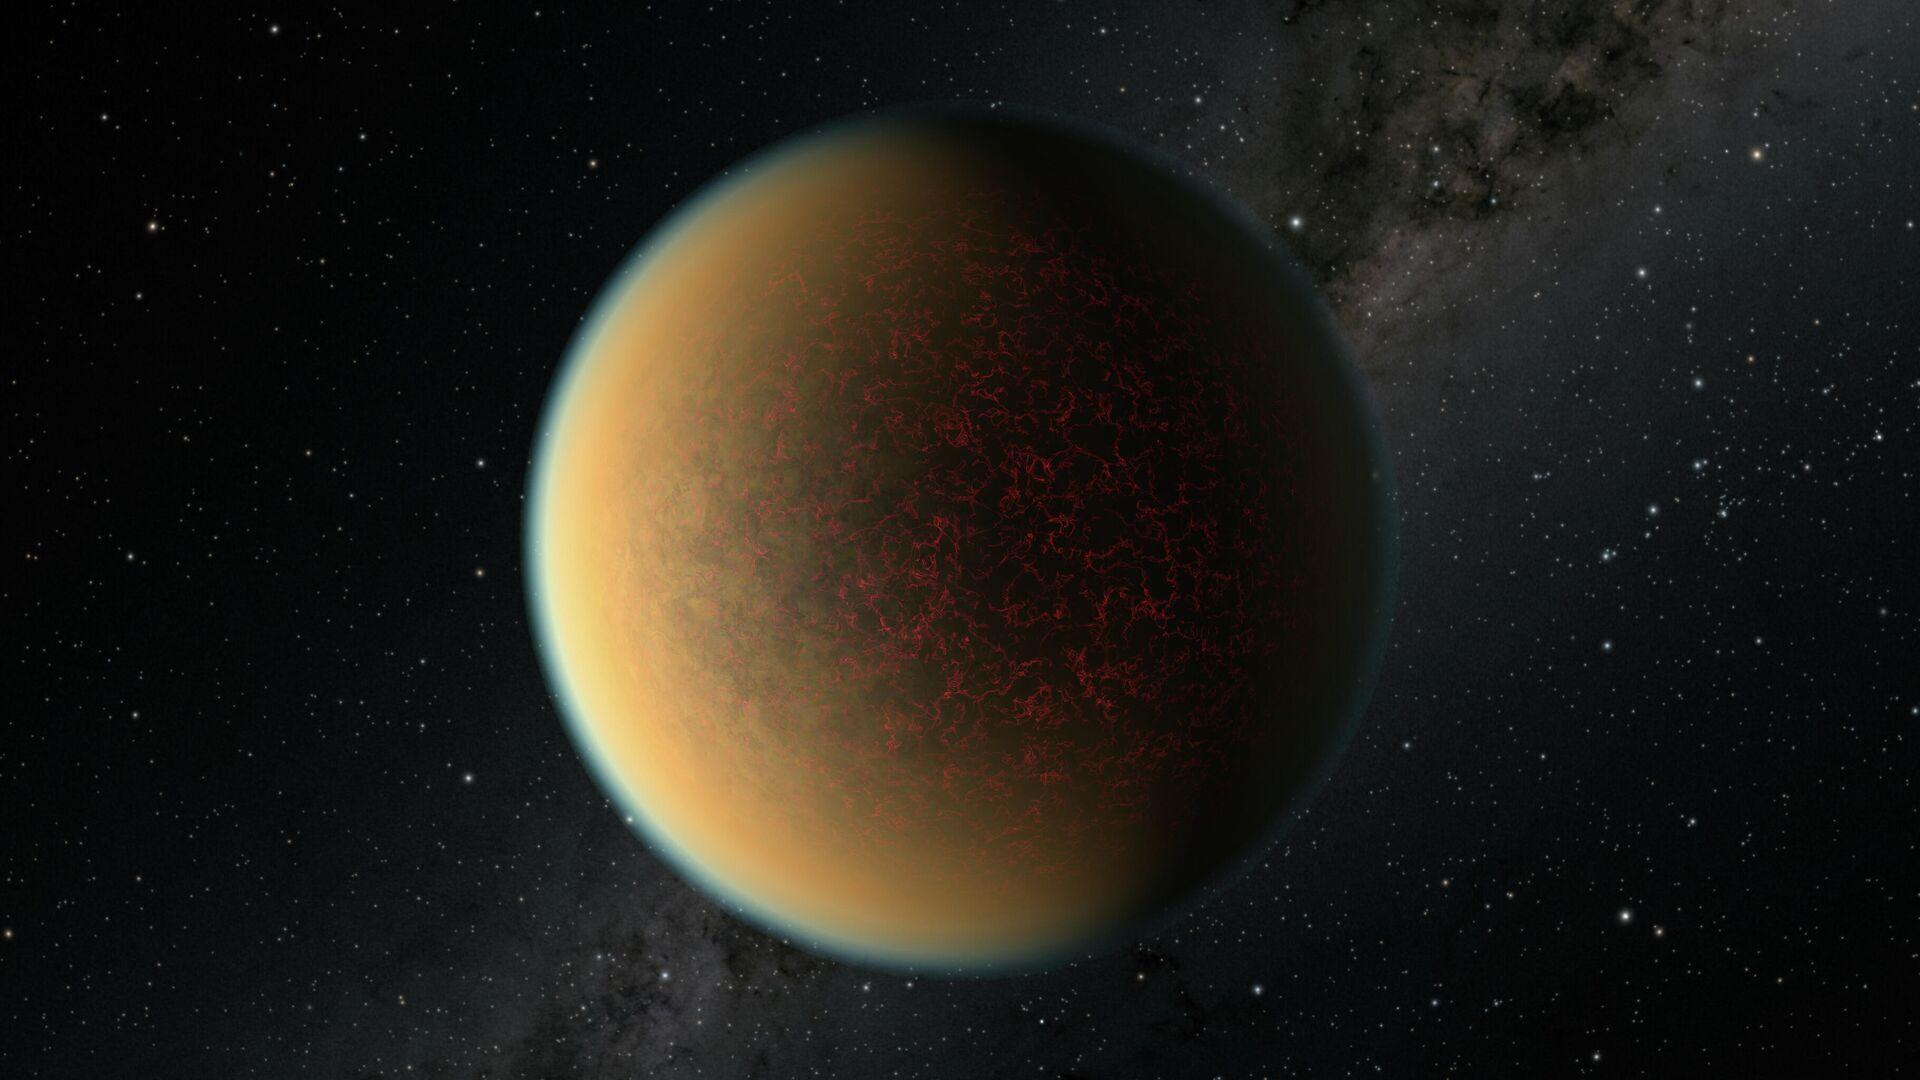 Художественное представление экзопланеты GJ 1132 b - РИА Новости, 1920, 12.03.2021